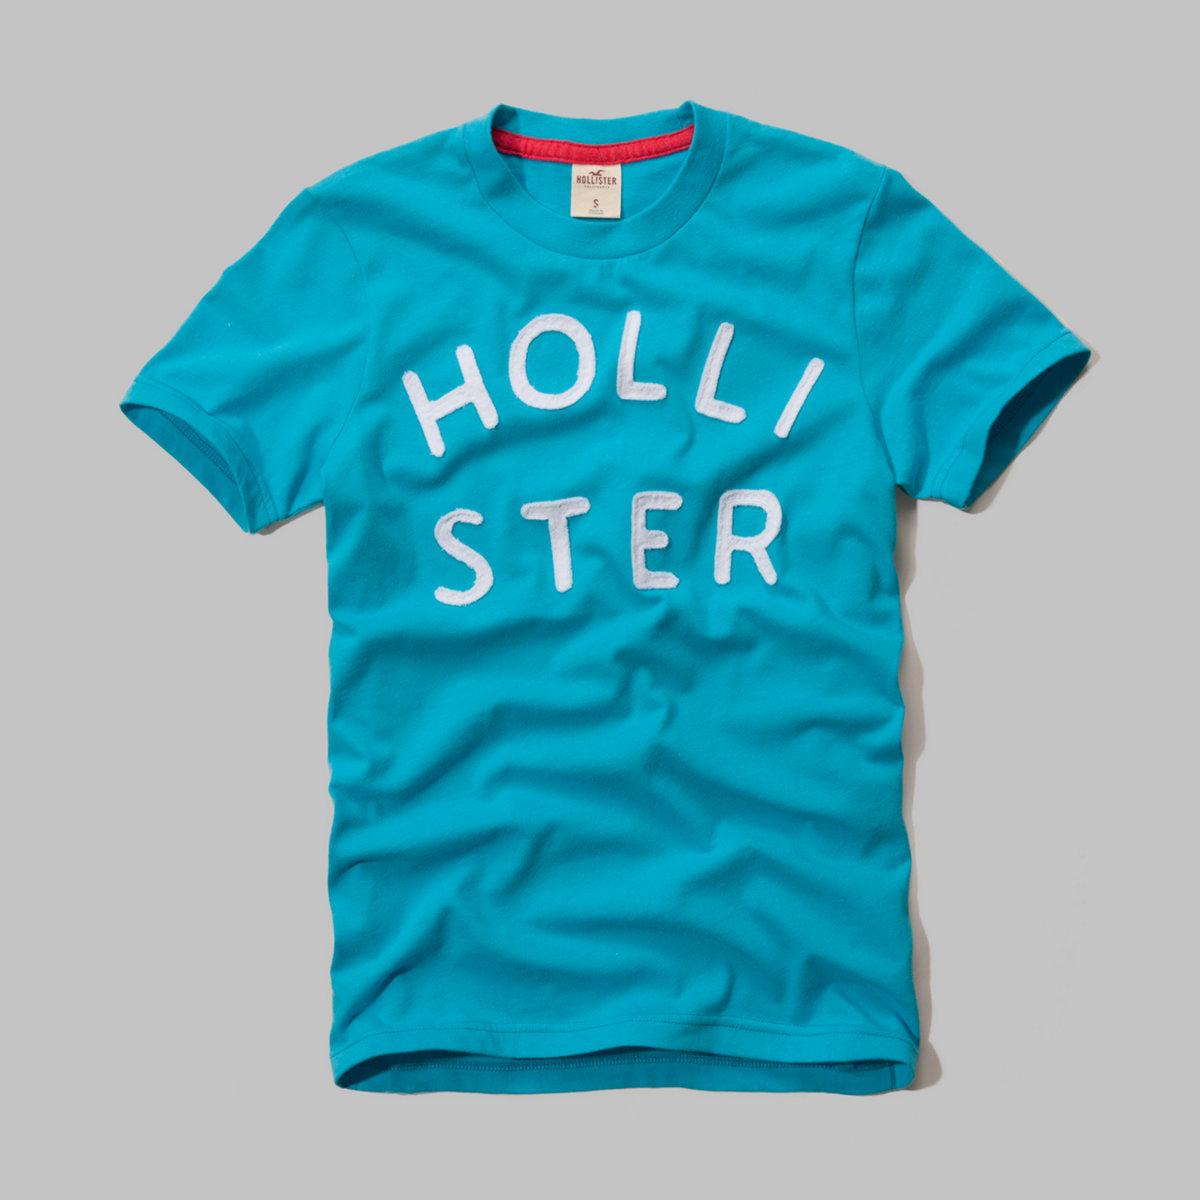 La Jolla Shores T-Shirt